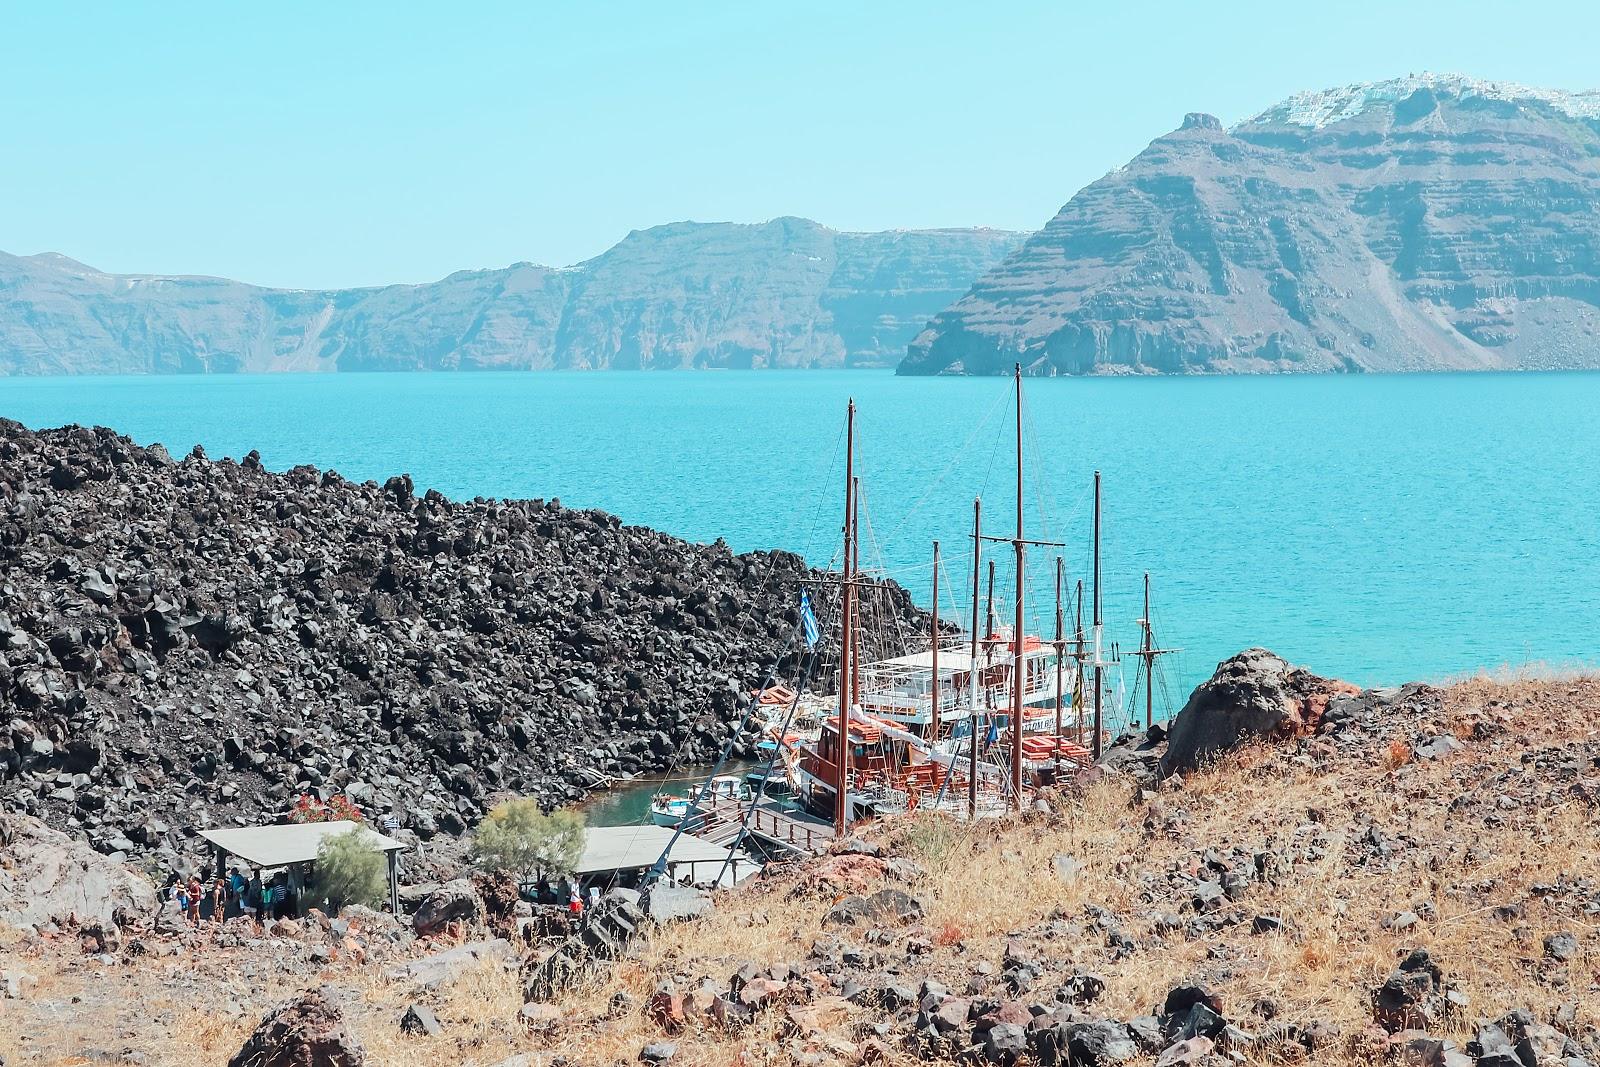 Santorini Day Tour